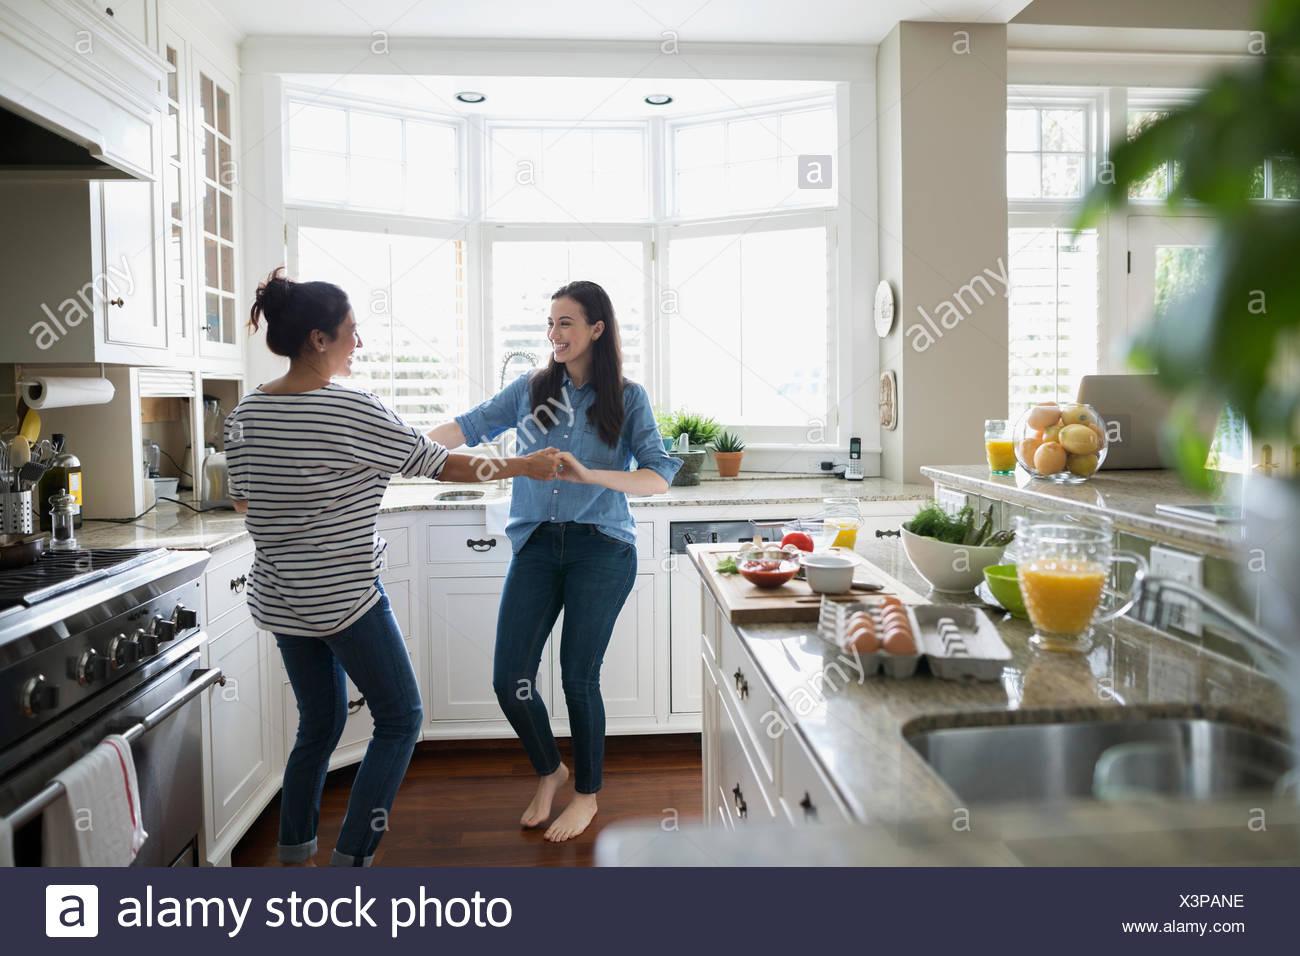 Mutter und Tochter tanzen in Küche Stockfoto, Bild: 277701242 - Alamy